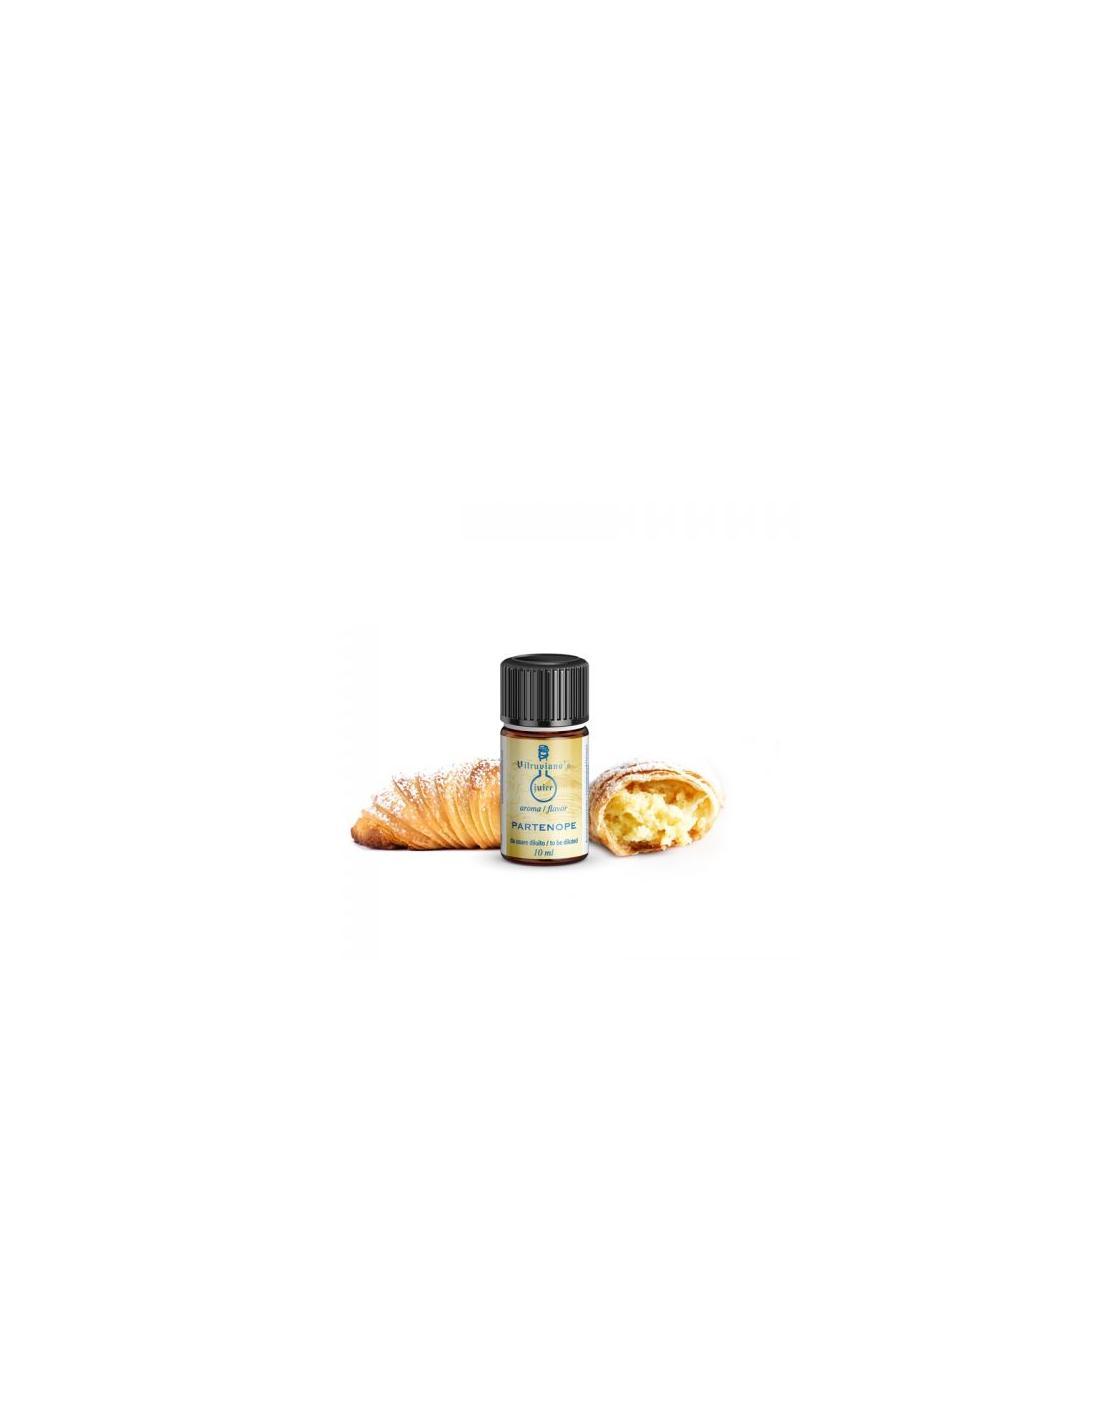 Vitruviano's Juice Partenope Aroma Concentrato Da 10ml Per Sigarette Elettroniche